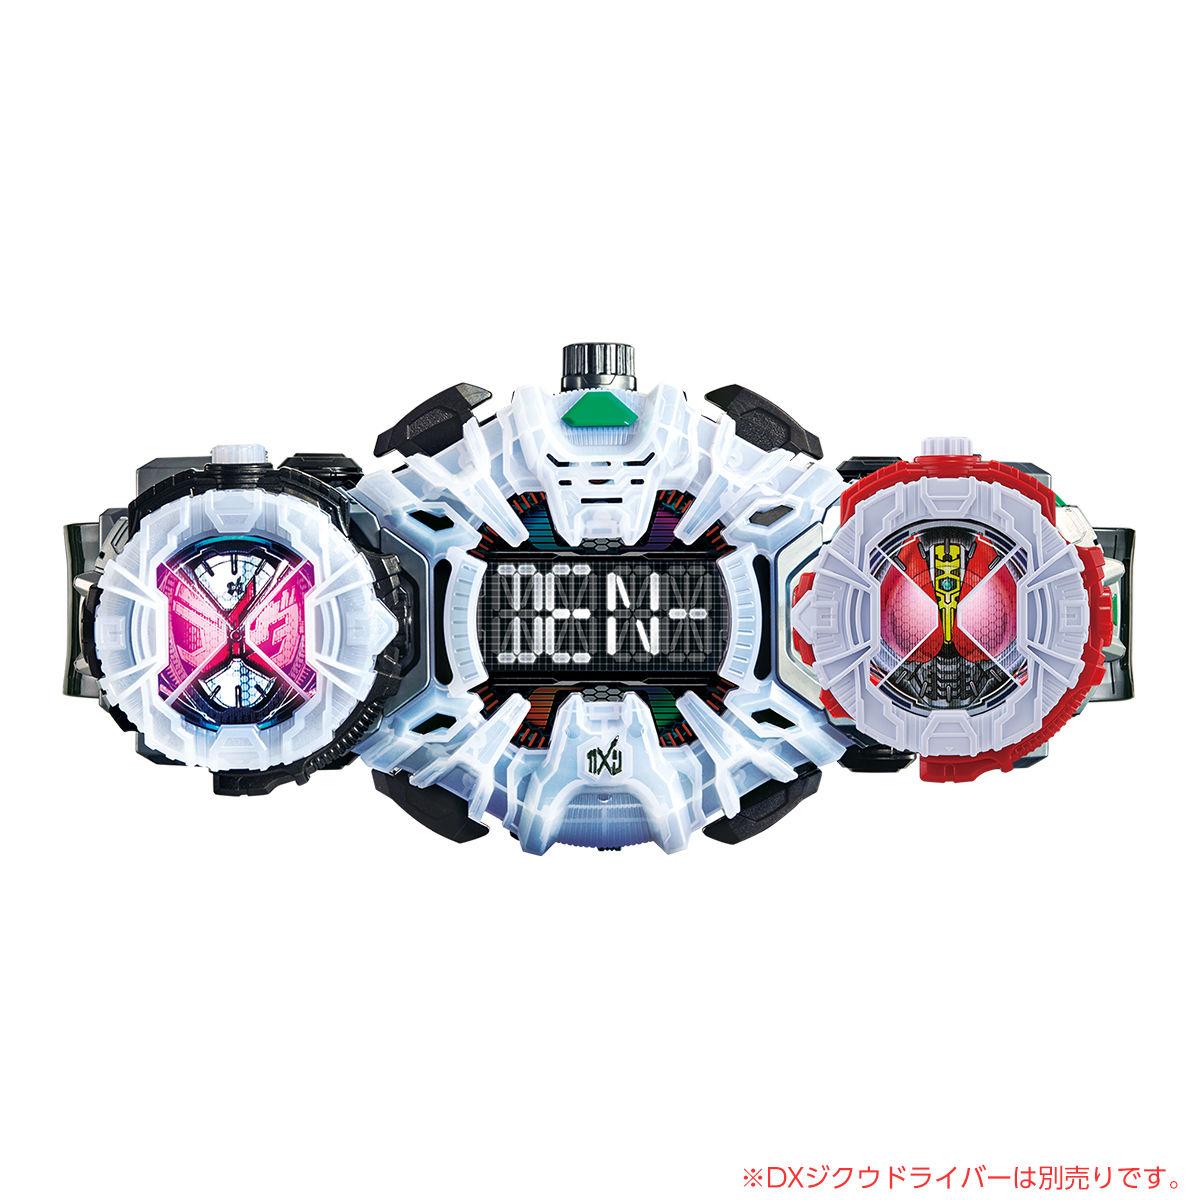 仮面ライダージオウ『DXライドウォッチダイザー&電王ライドウォッチ』変身なりきり-007